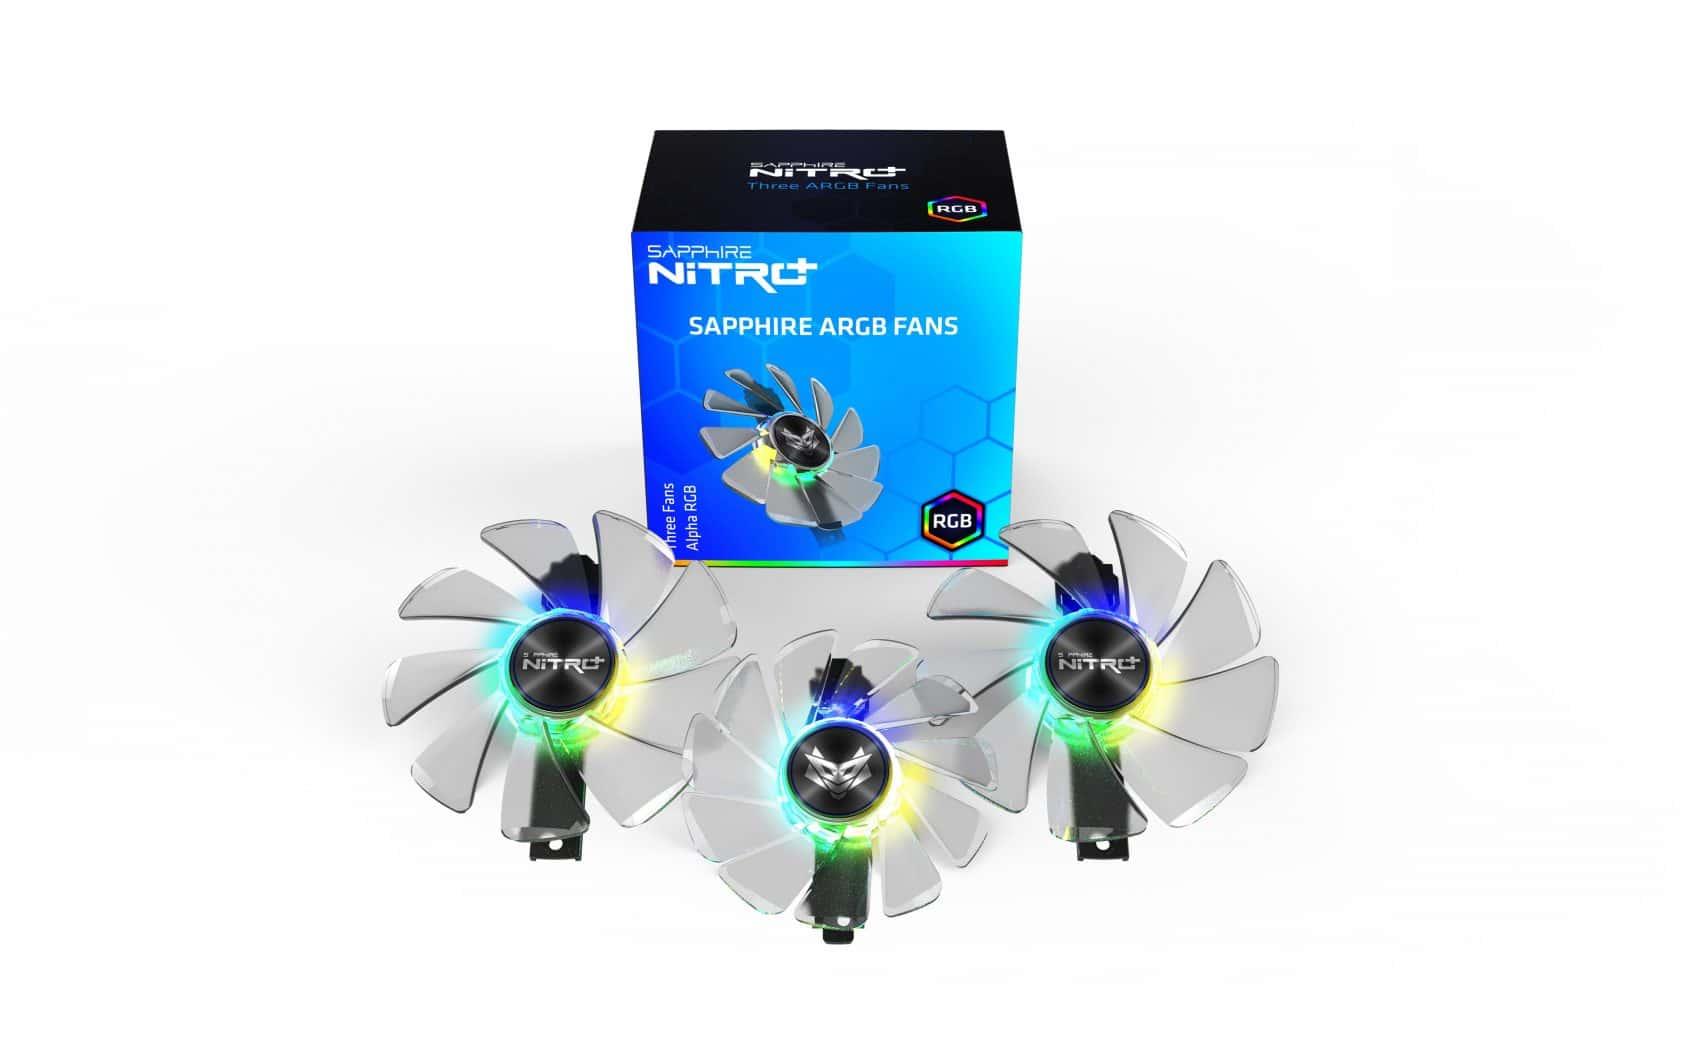 ventilateurs sapphire argb 2